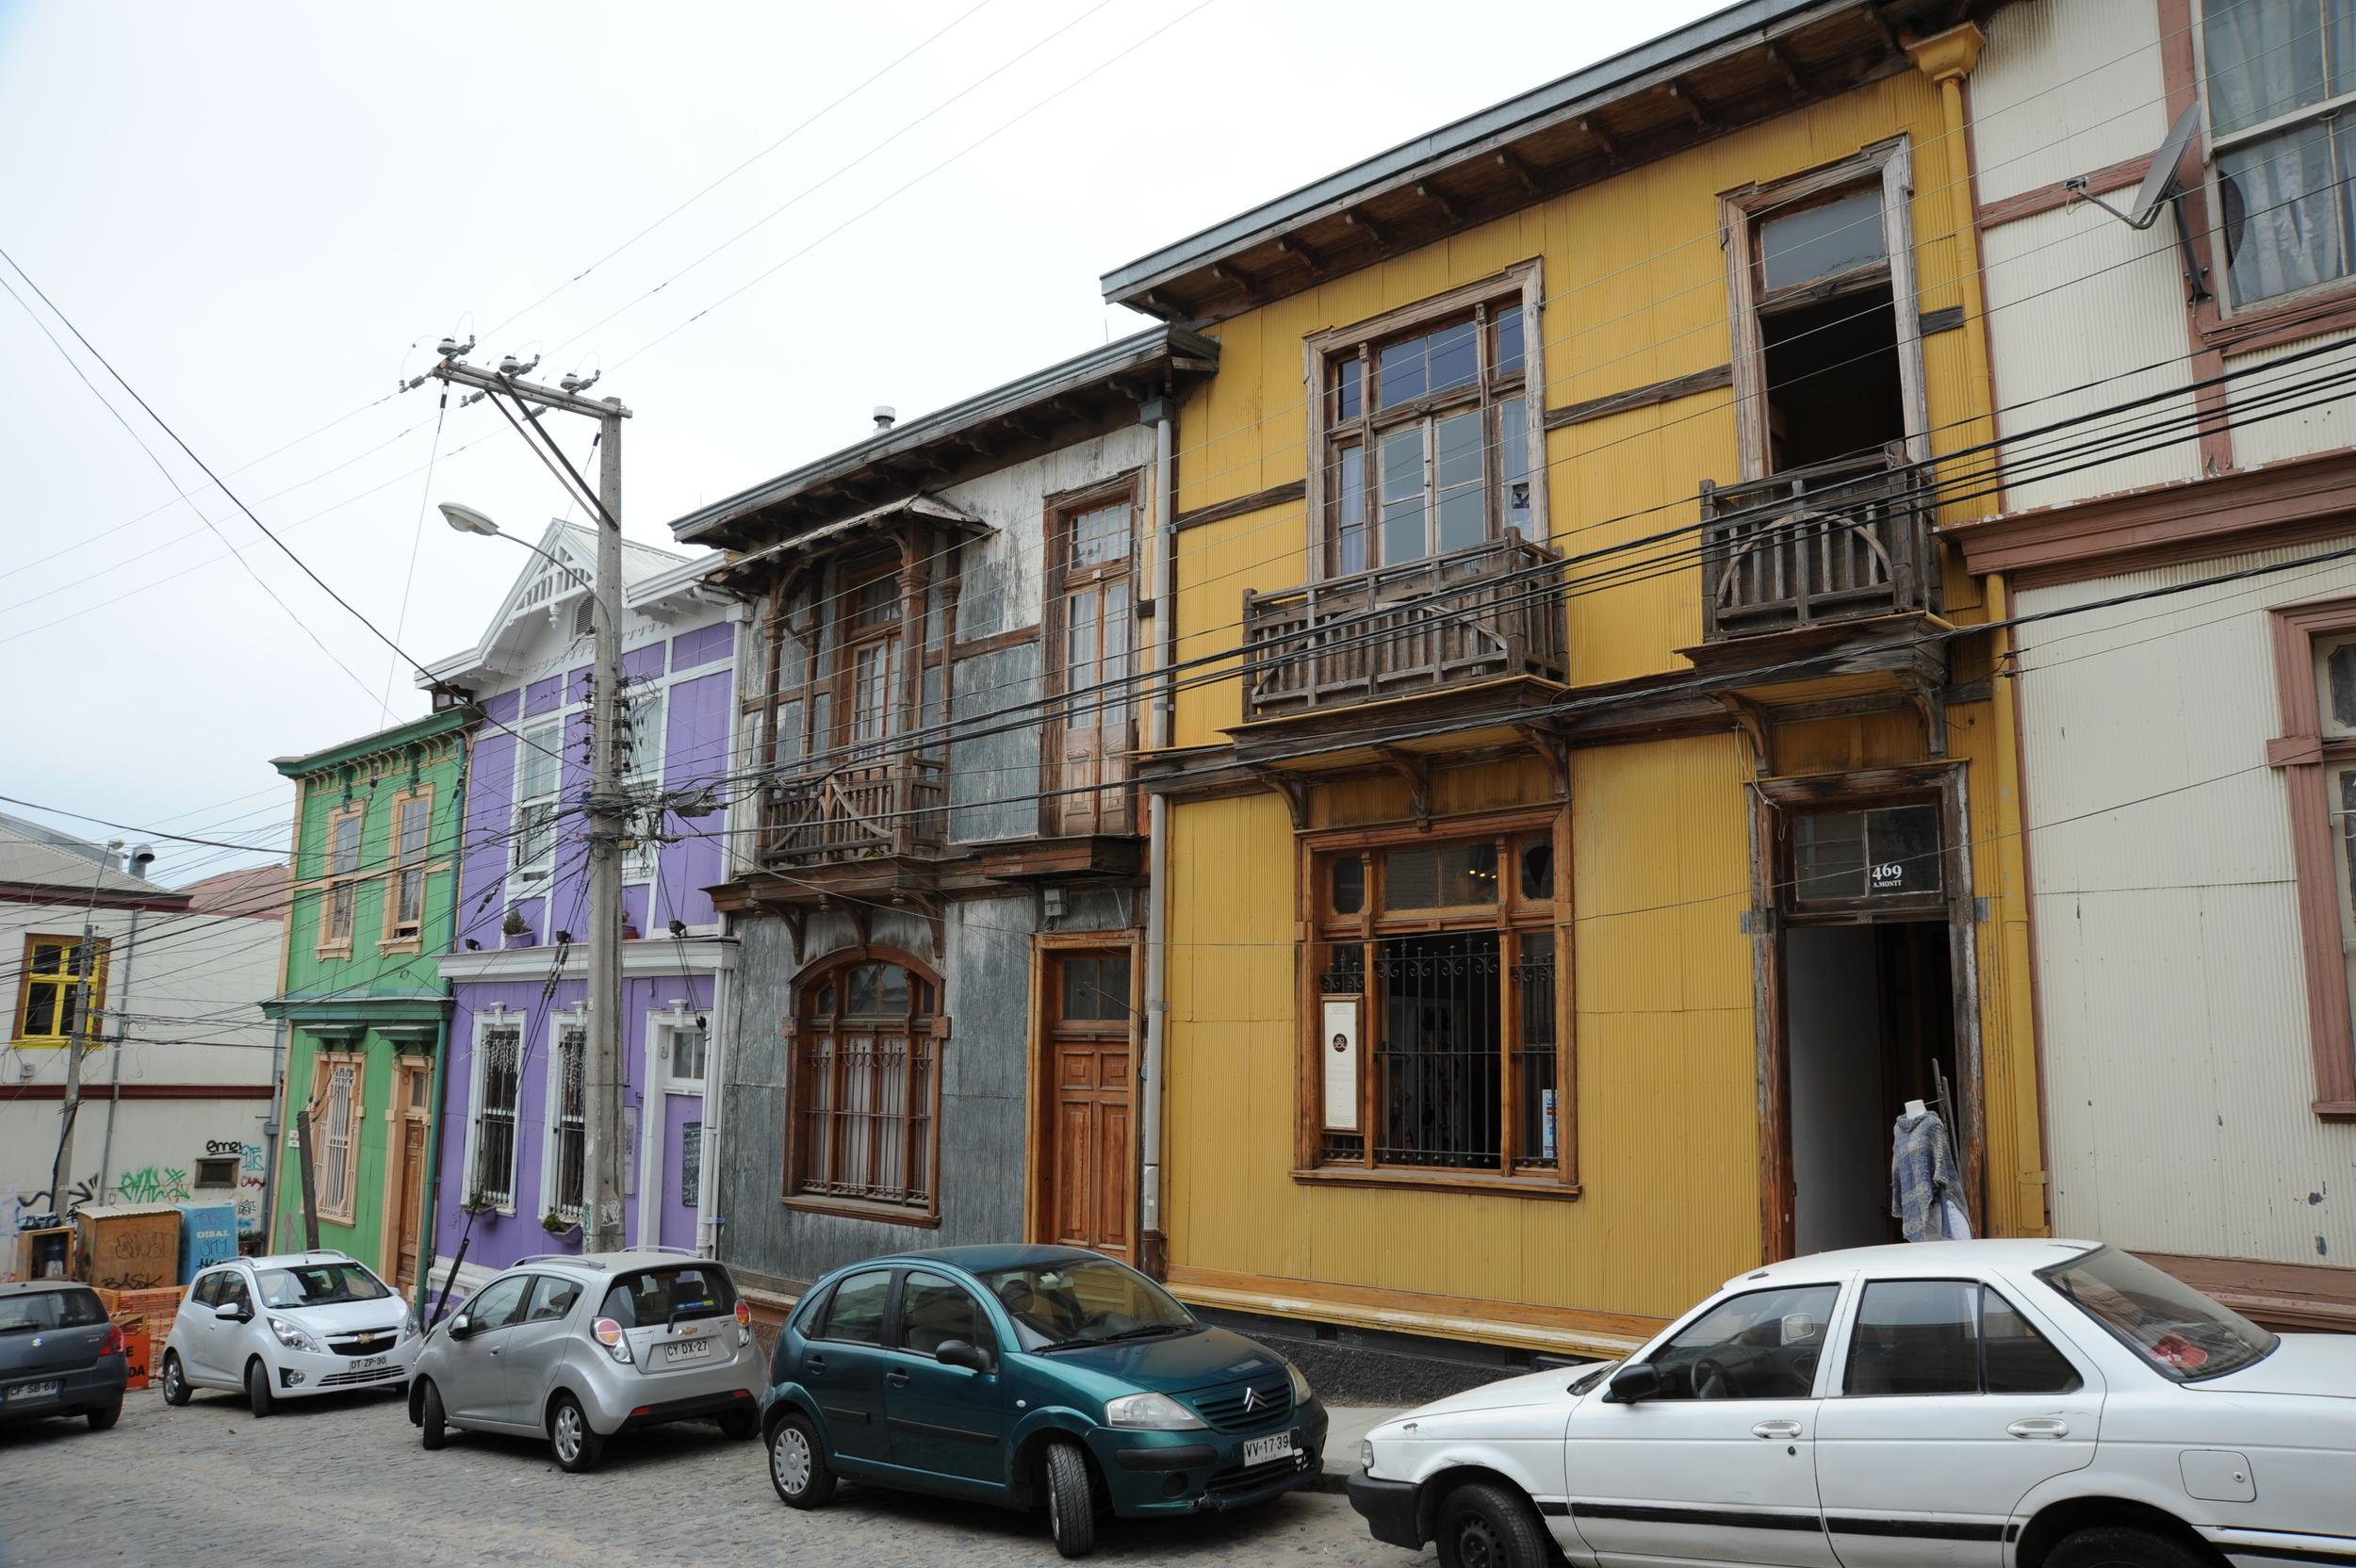 Houses, Valparaiso, Chile, 27 Mar 2012